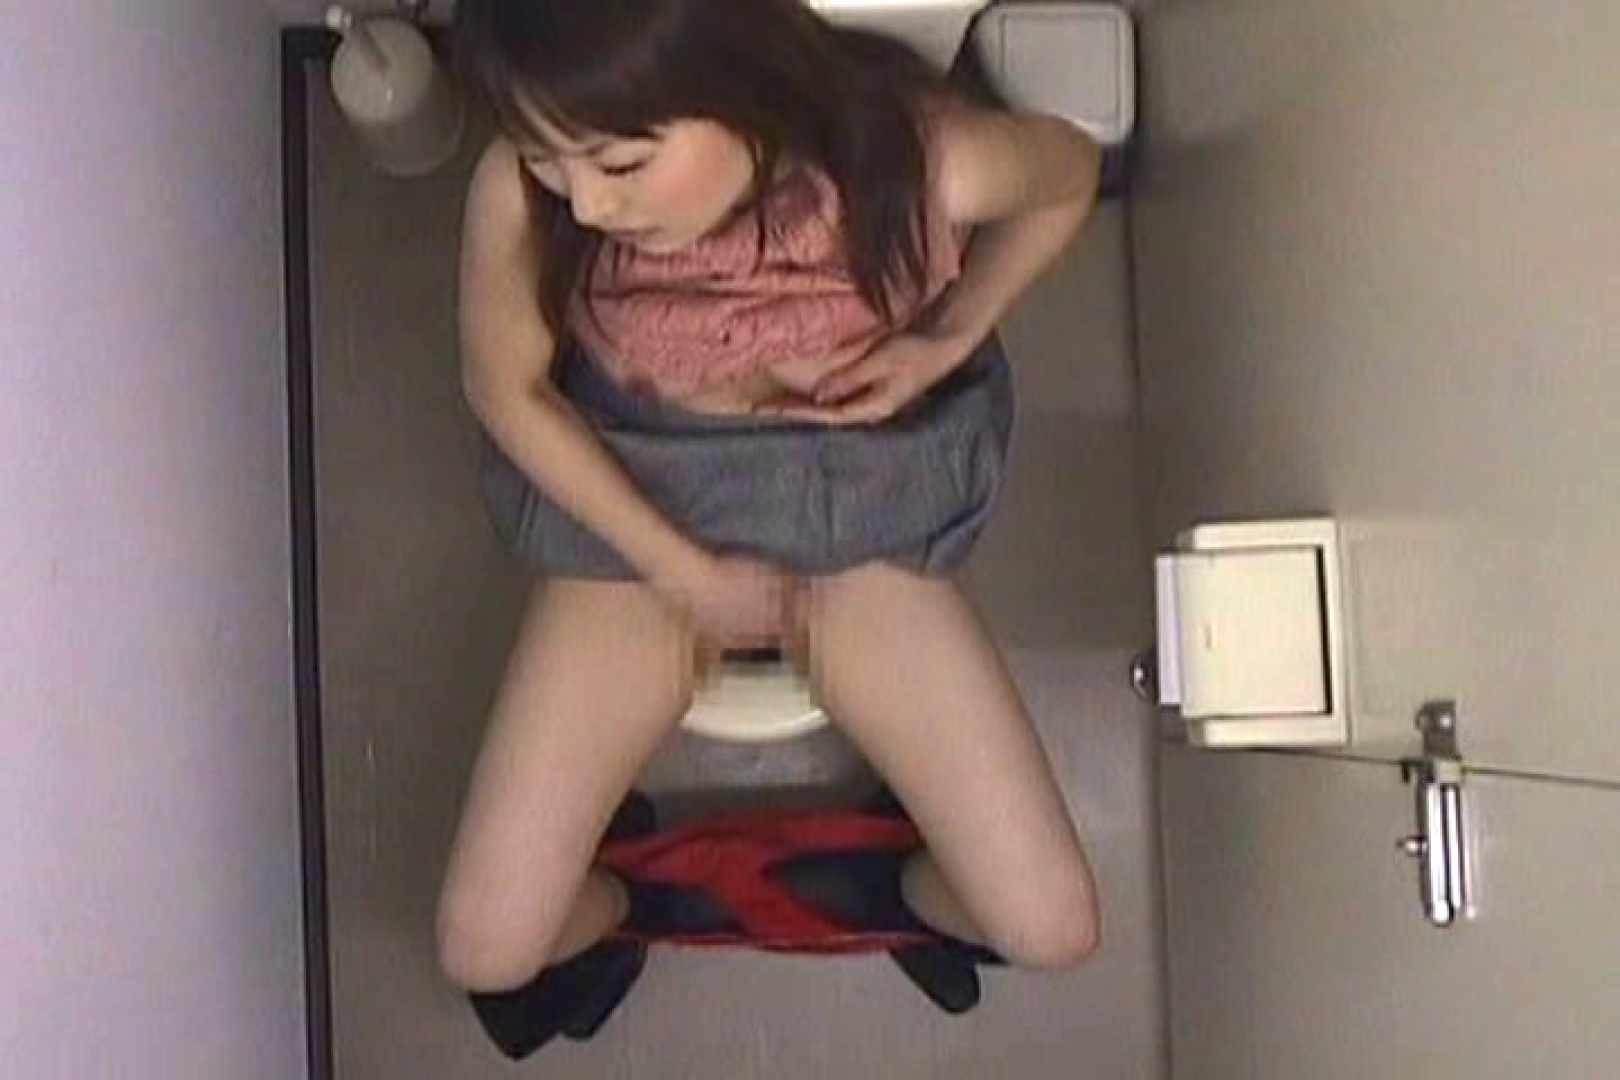 雑居ビル洗面所オナニーVol.2 オナニーする女性たち 覗きぱこり動画紹介 71画像 38